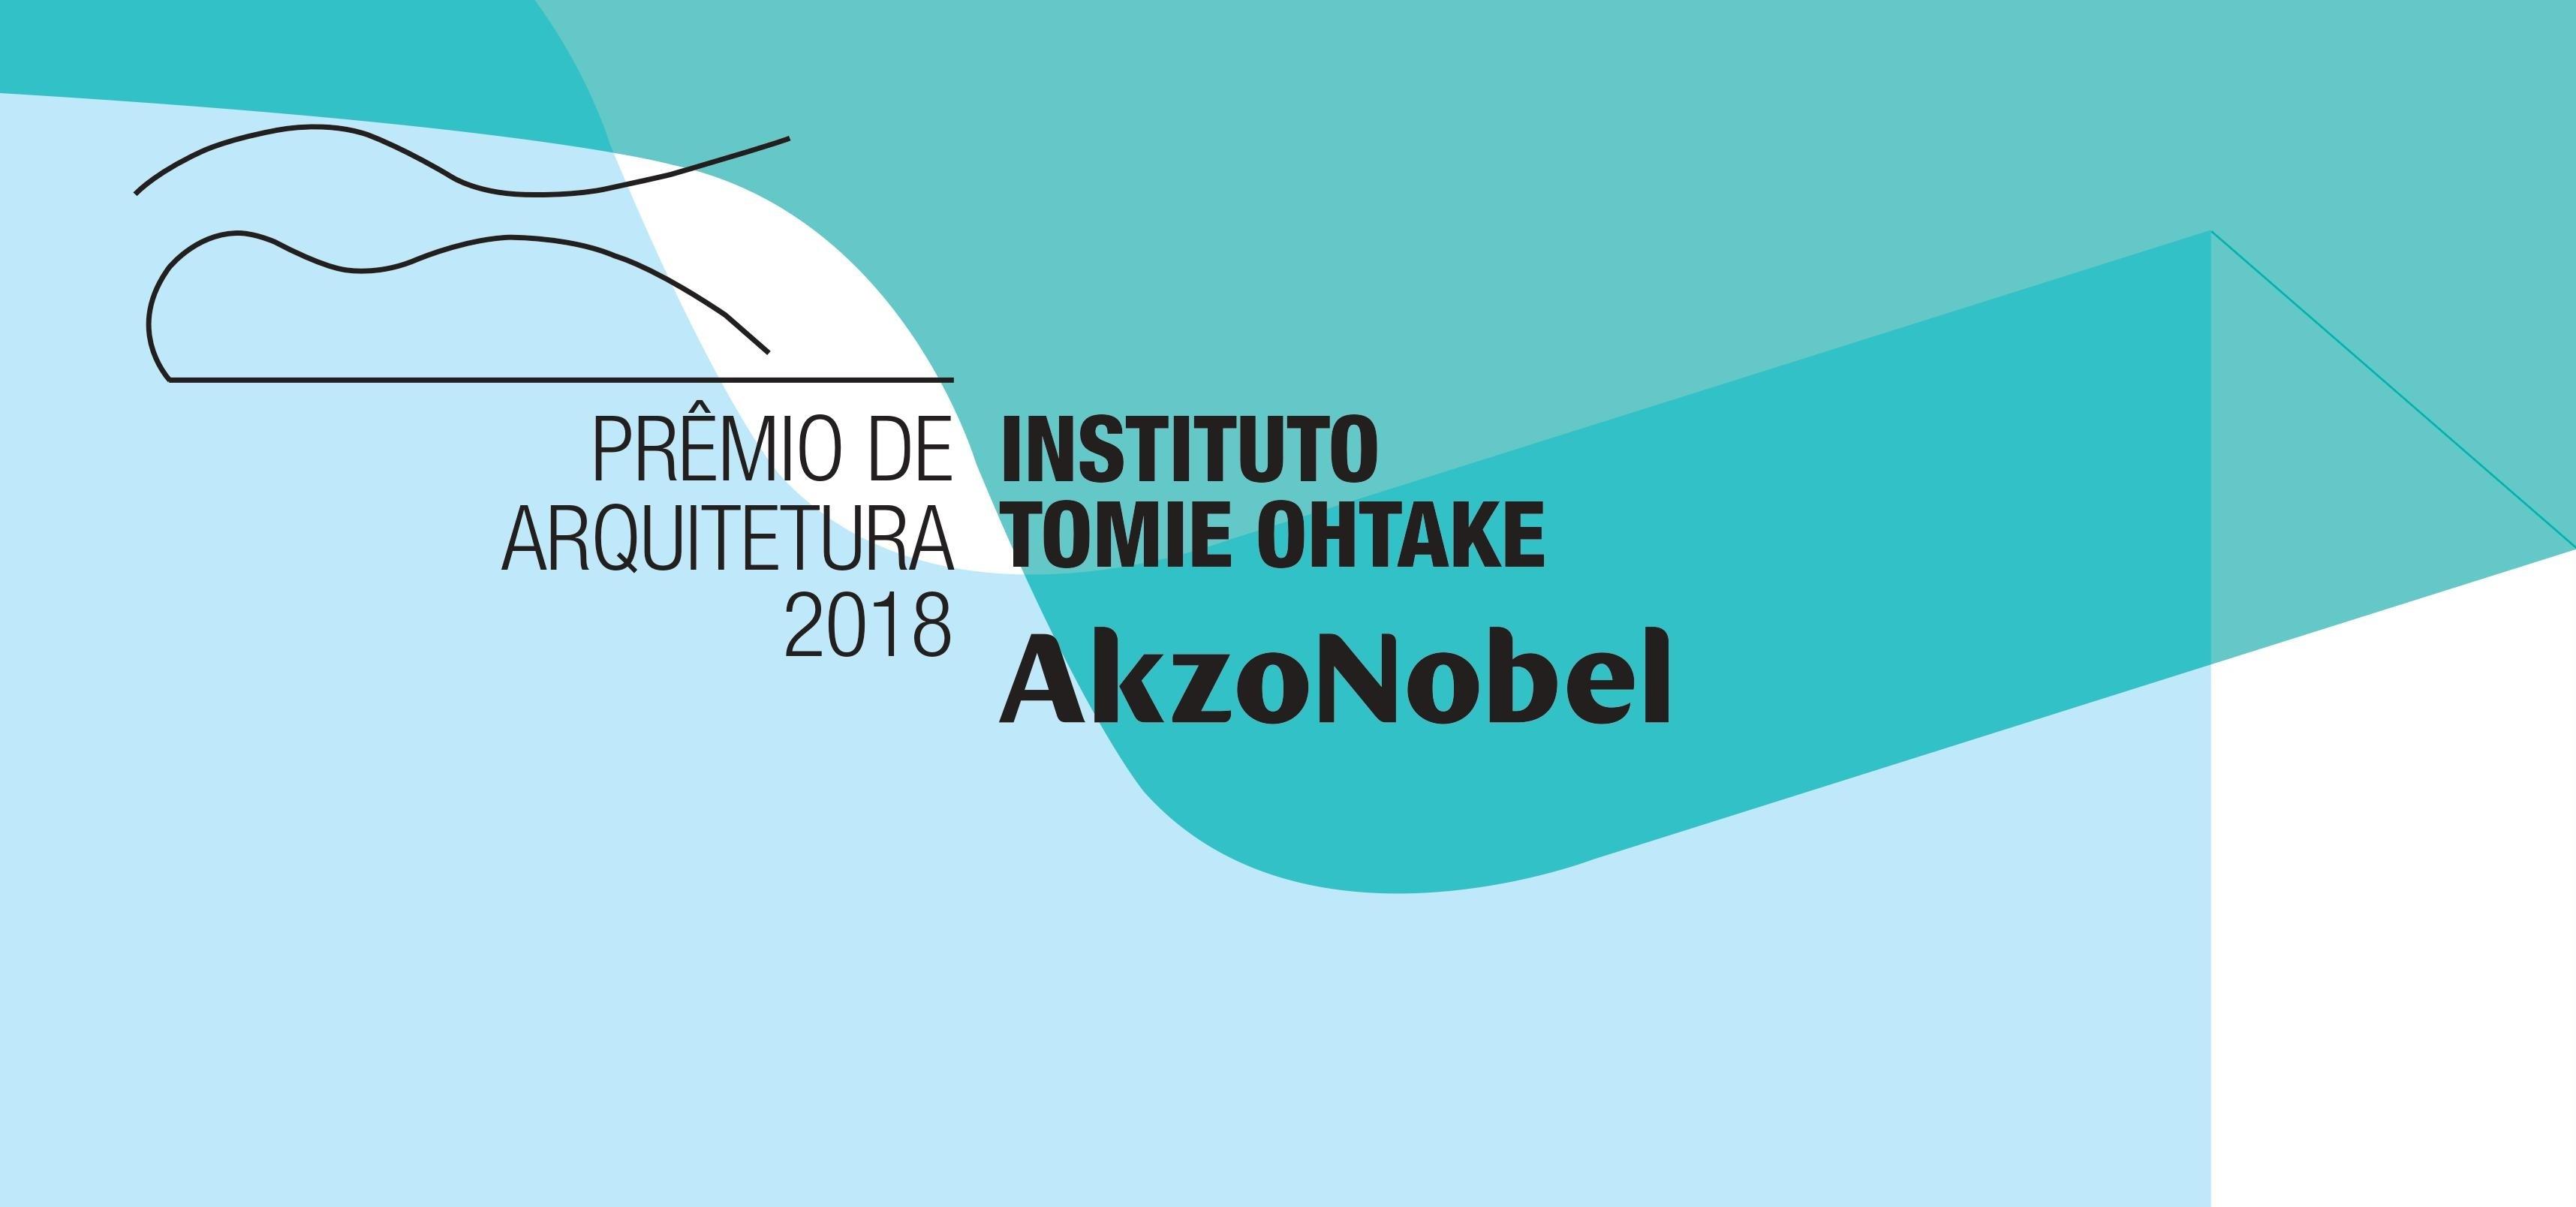 Exposição do 5º Prêmio de Arquitetura Instituto Tomie Ohtake AkzoNobel